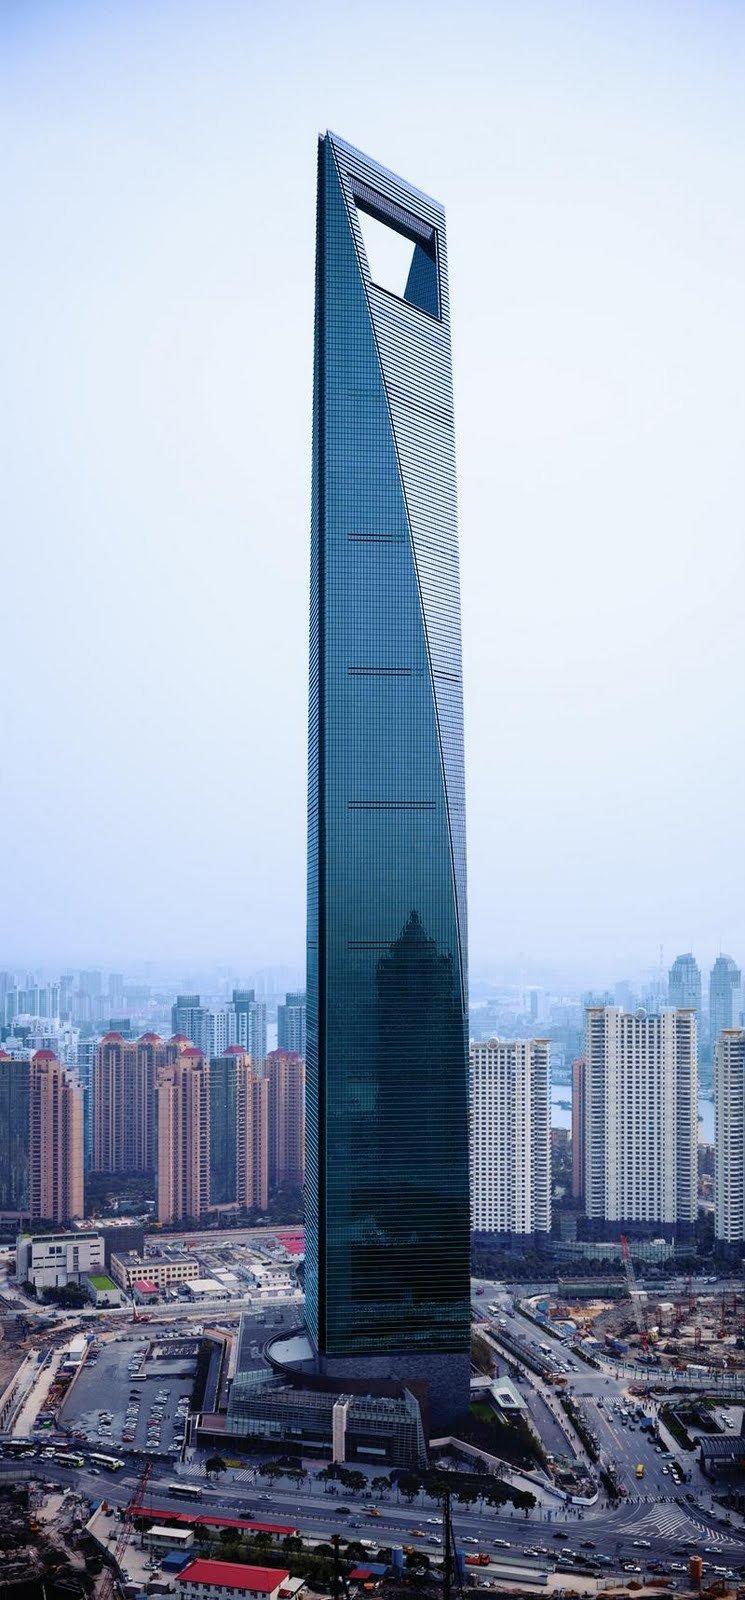 Шанхайский всемирный финансовый центр– второе по высоте здание в мире, которое называют «элегантной открывалкой для бутылок» из-за его верхней части причудливой формы, - в минувший четверг удостоилось звания лучшего небоскреба года.